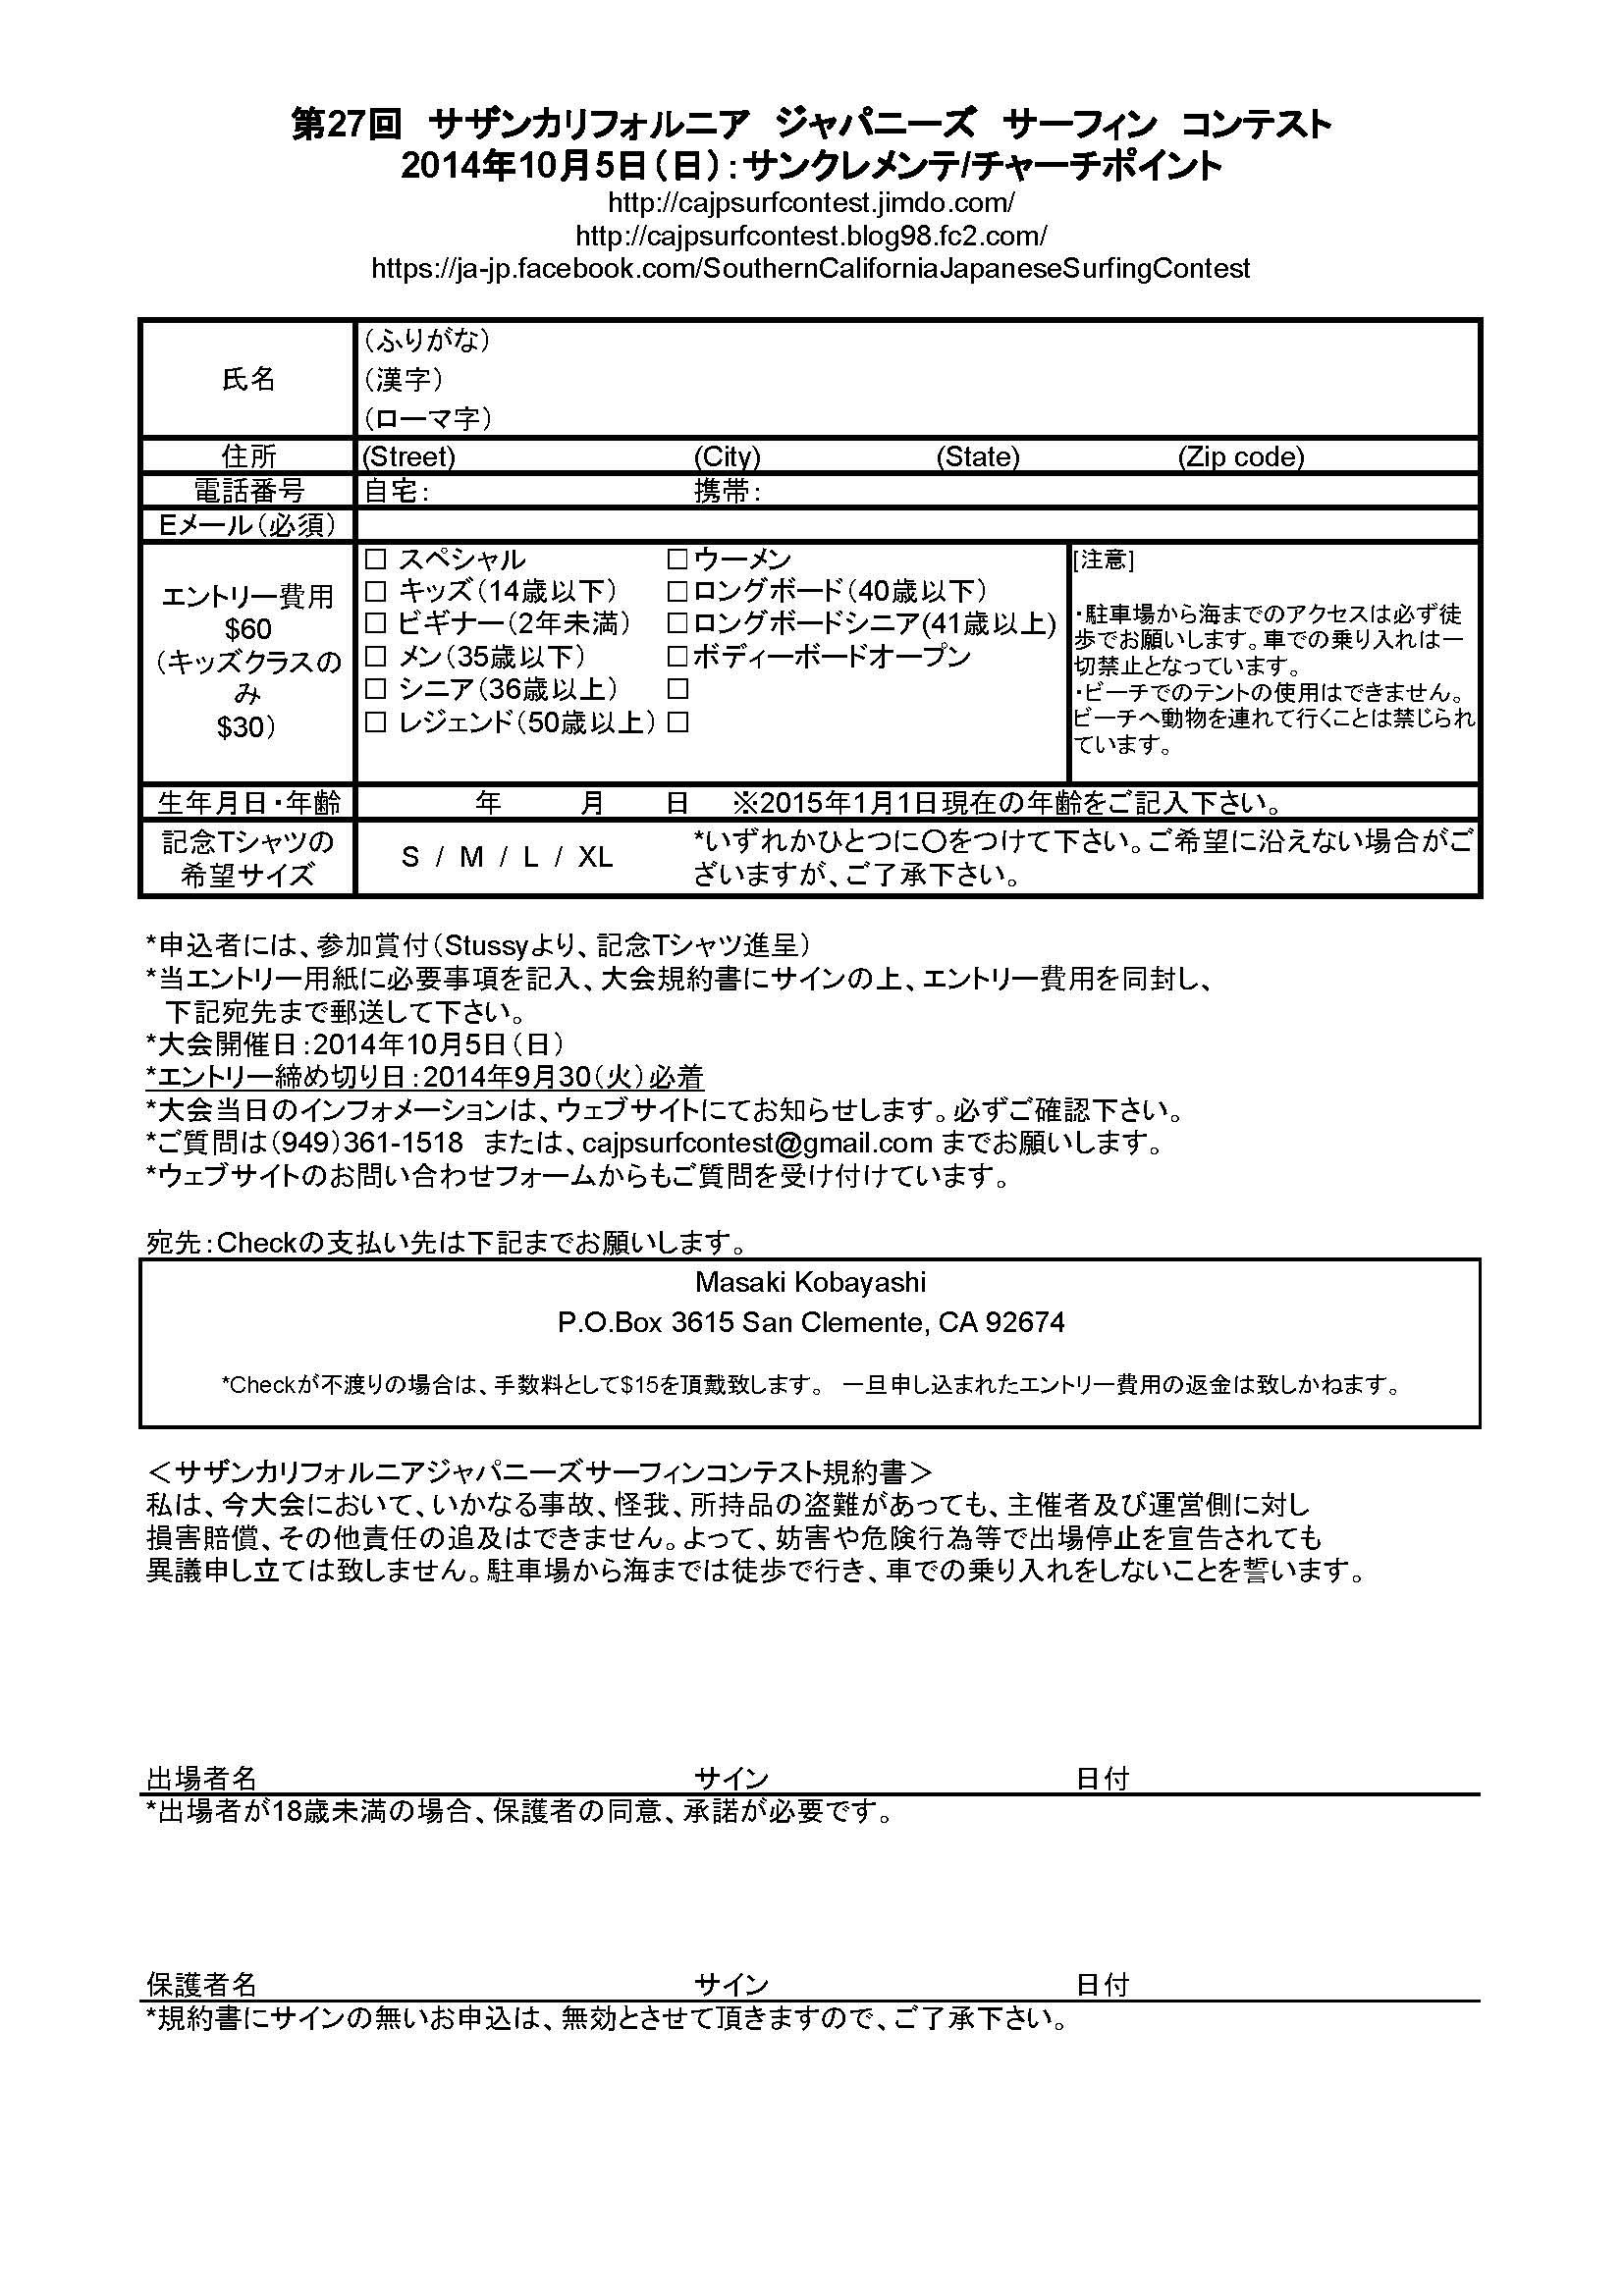 Entry_form.jpg